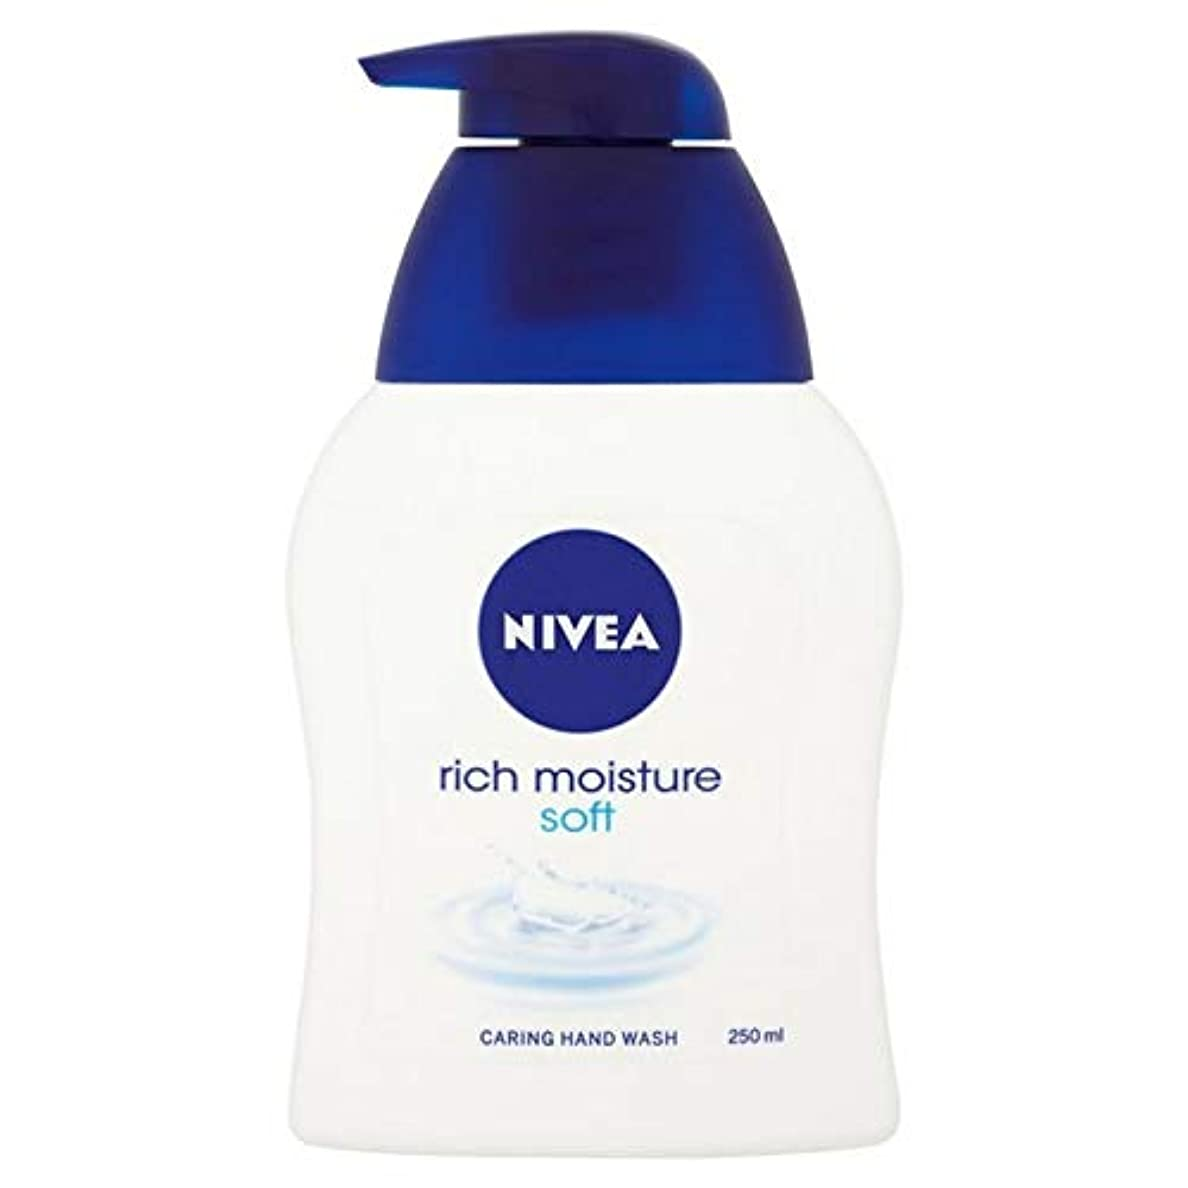 昇進愚か投票[Nivea ] ニベア豊富な水分ソフト思いやり手洗いの250ミリリットル - Nivea Rich Moisture Soft Caring Hand Wash 250ml [並行輸入品]